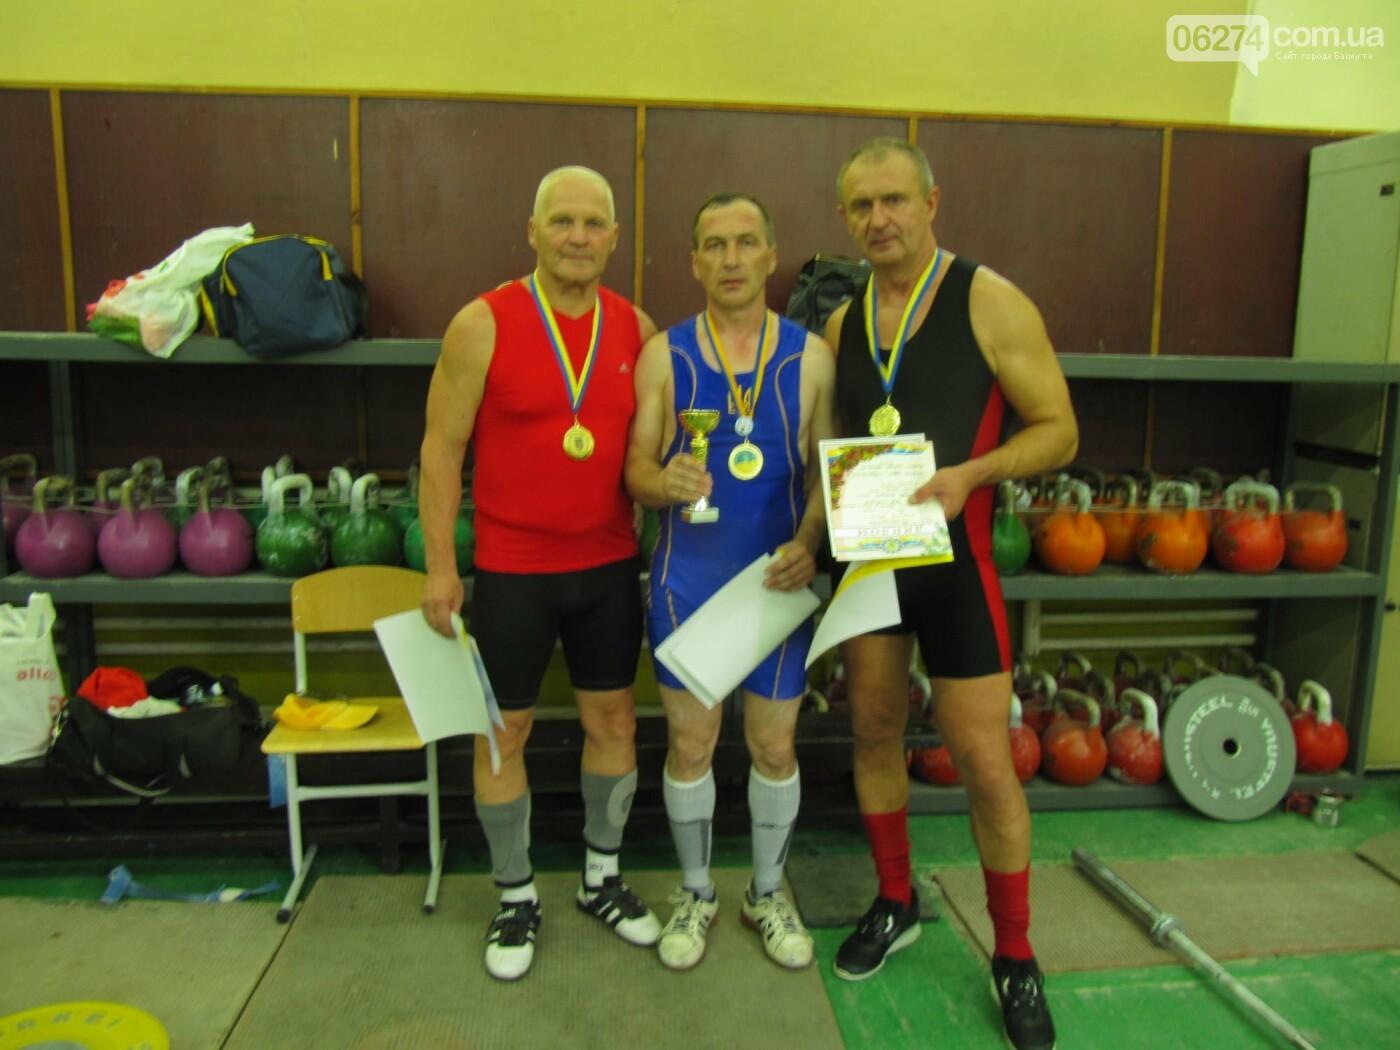 Бахмутские спортсмены - чемпионы Украины, фото-1